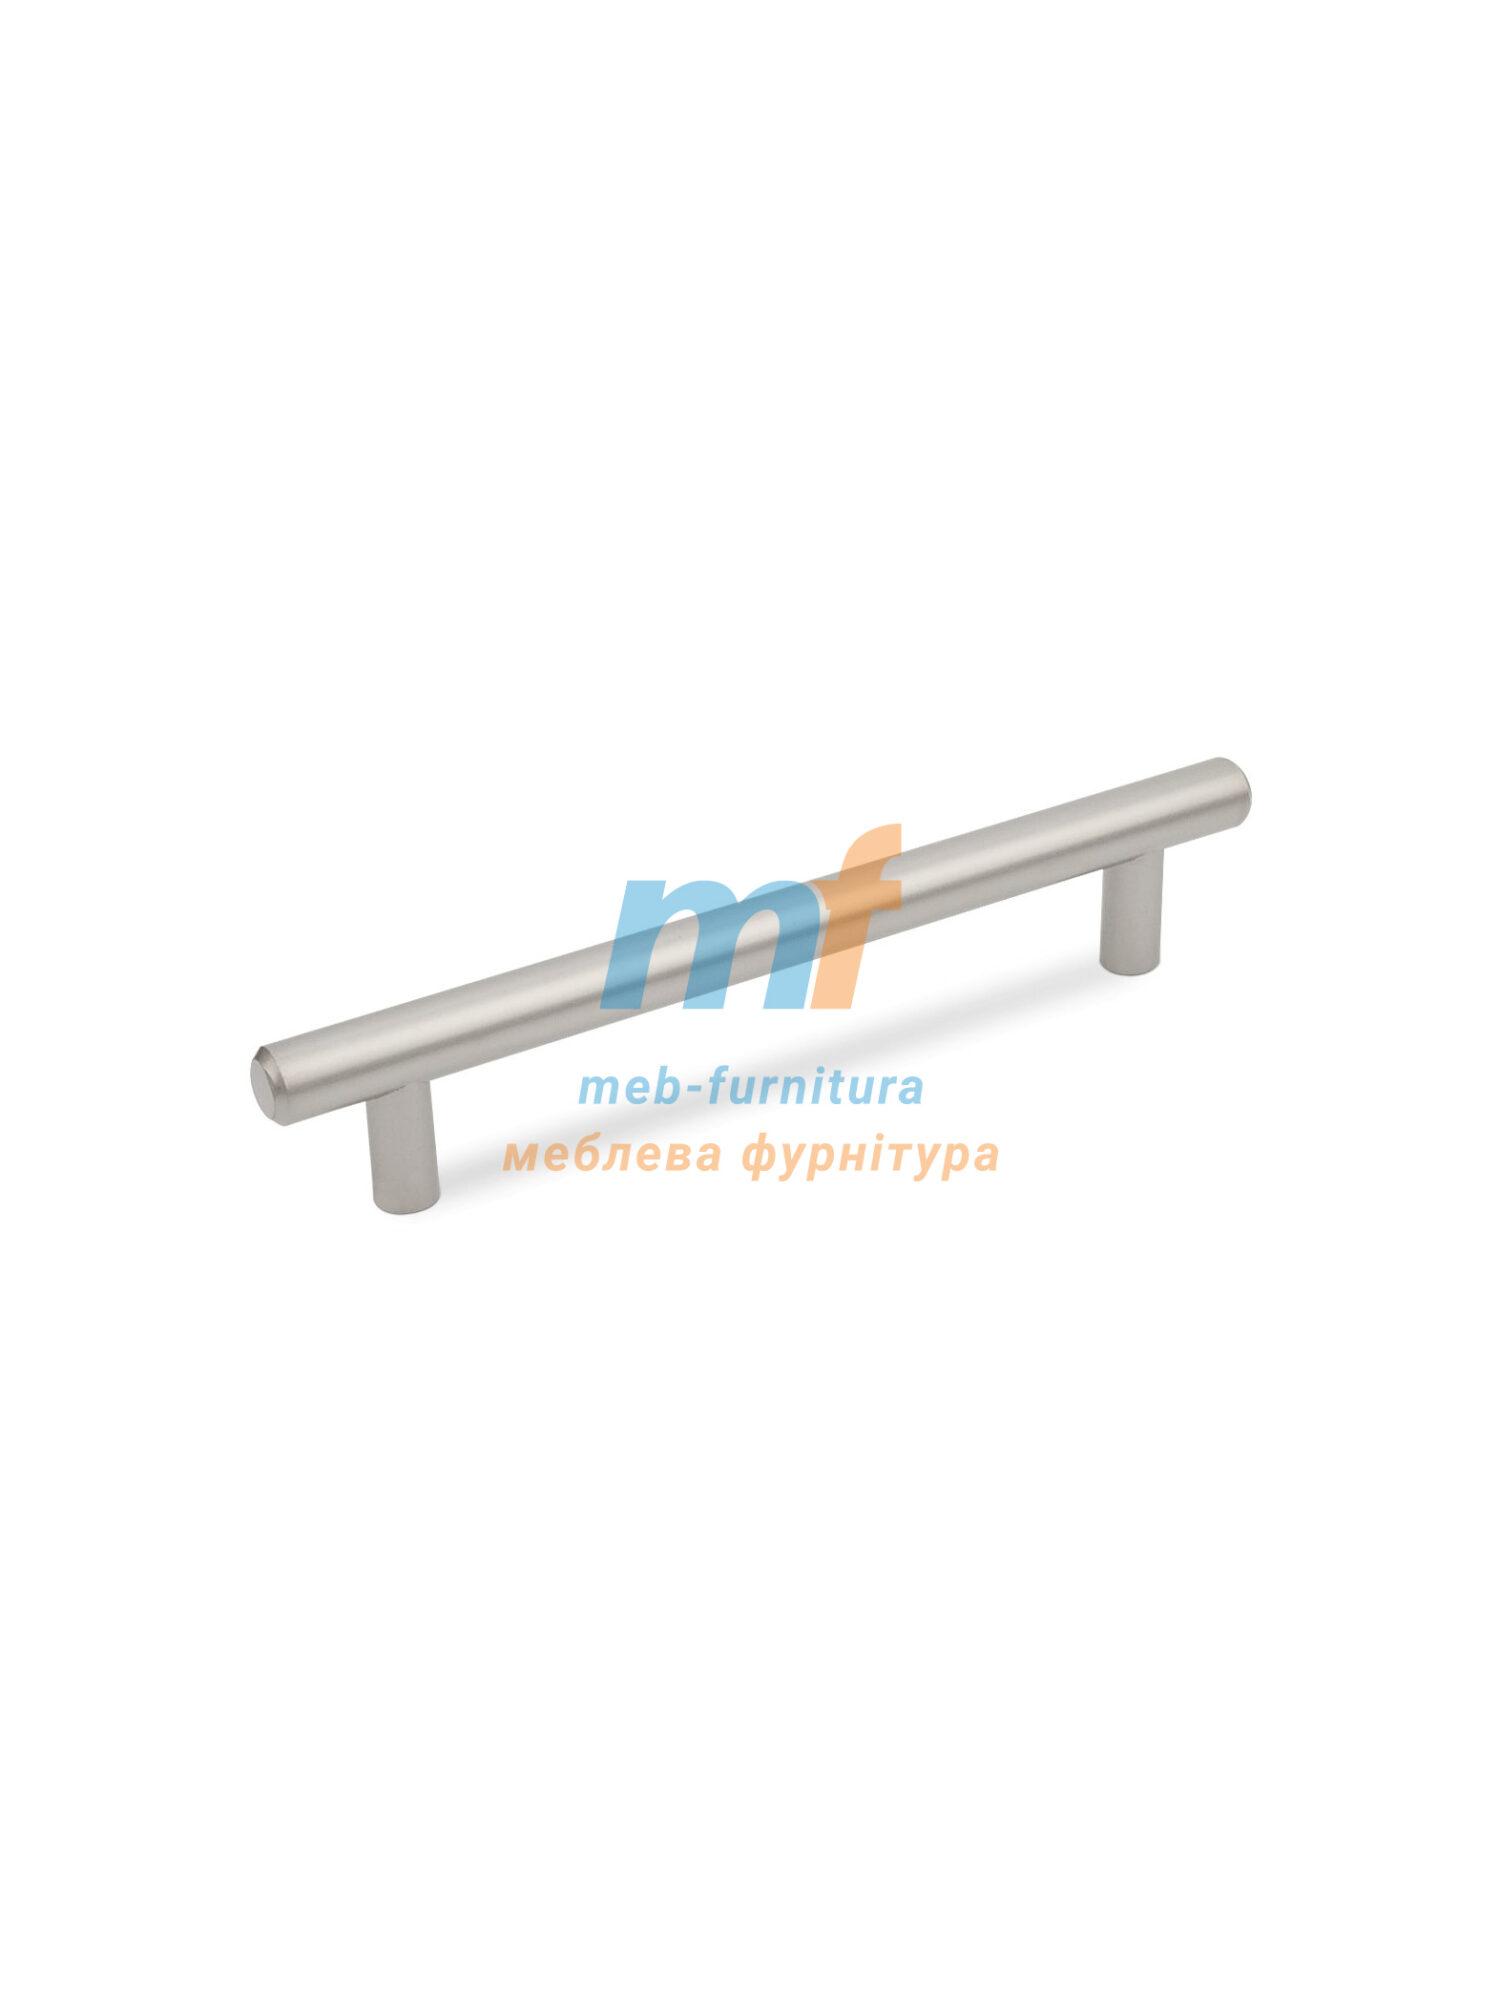 Ручка мебельная релинг 480мм - сатин